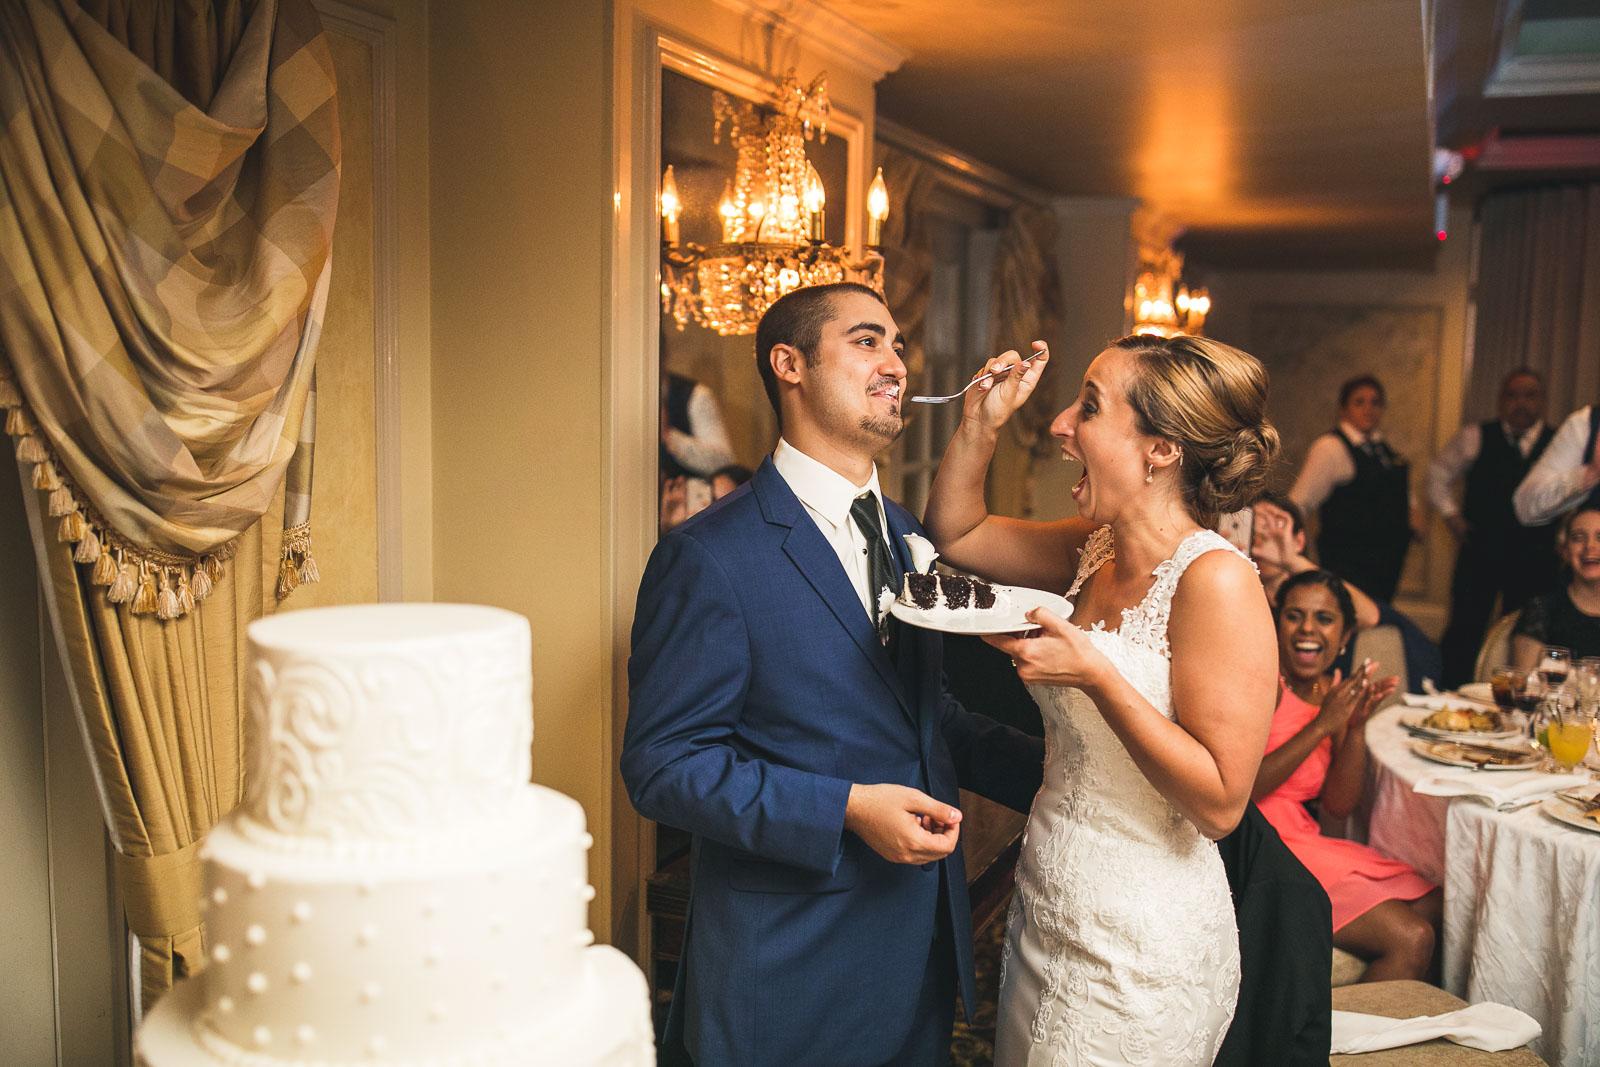 Groom enjoys some Cake